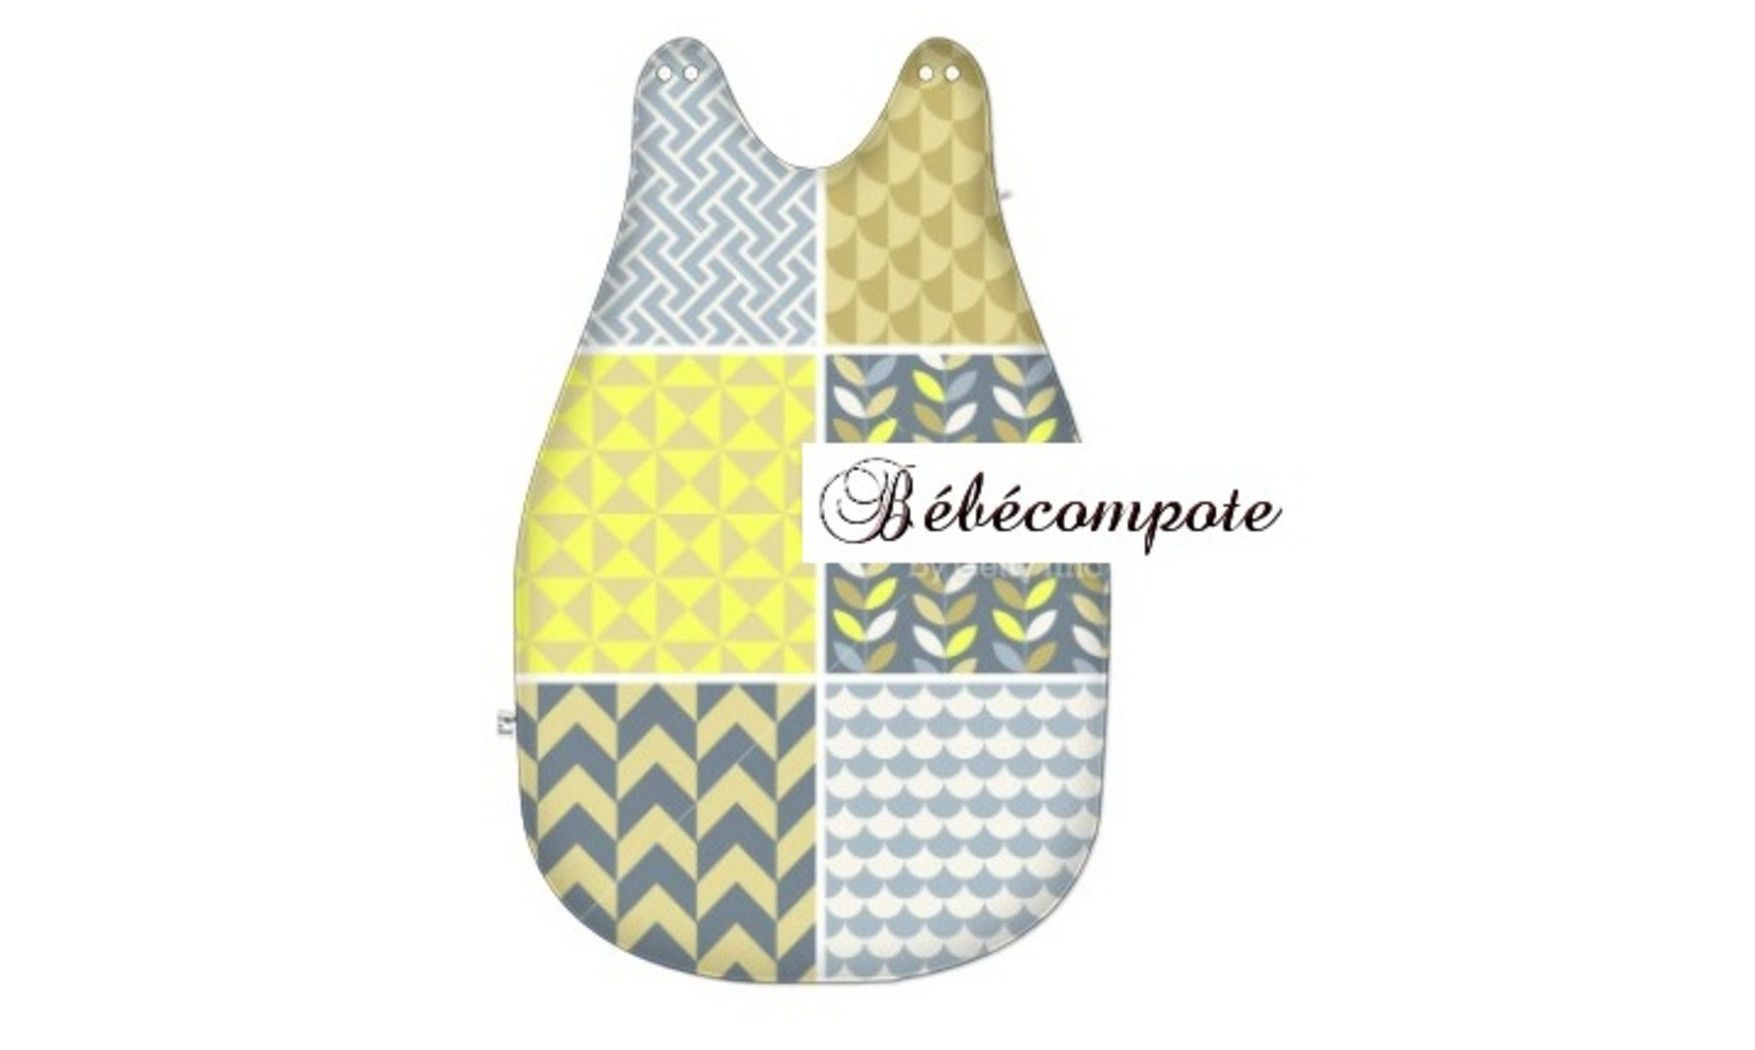 Linge De Lit Paris Agréable Gigoteuse Style Tissu Patchwork Cadeau Bebe Pote